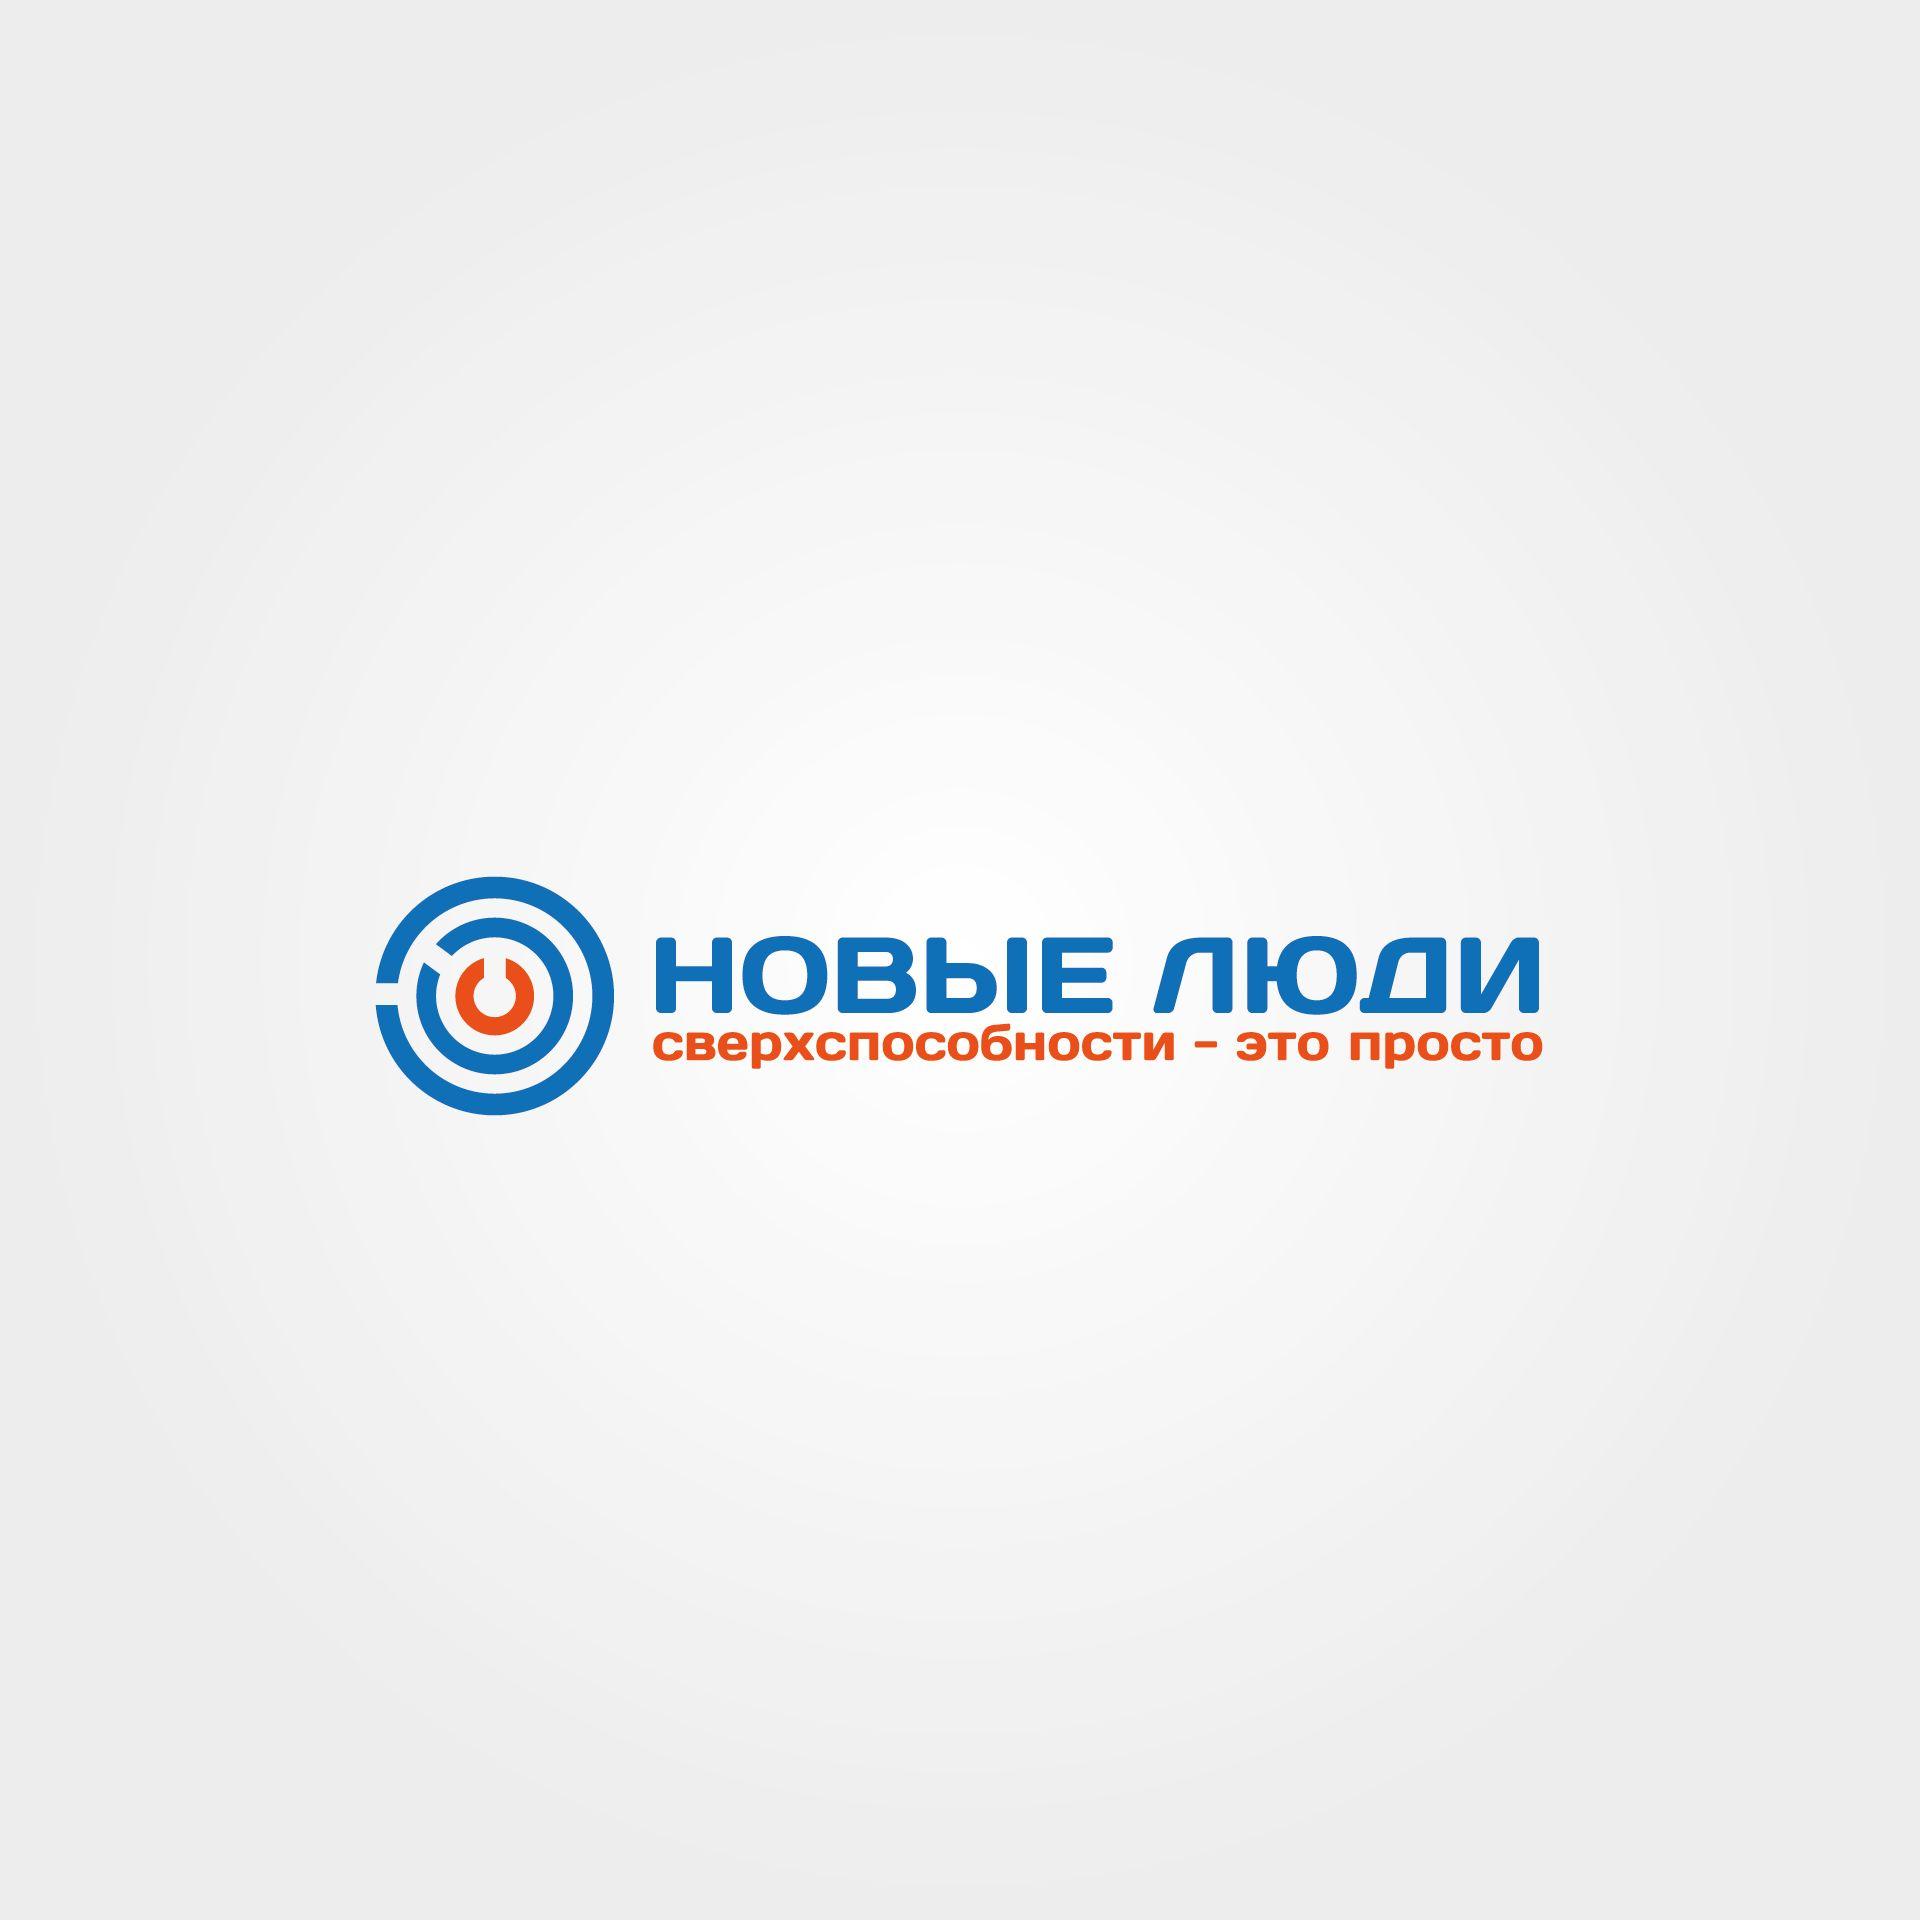 Лого и стиль тренингового центра/системы знаний - дизайнер alpine-gold